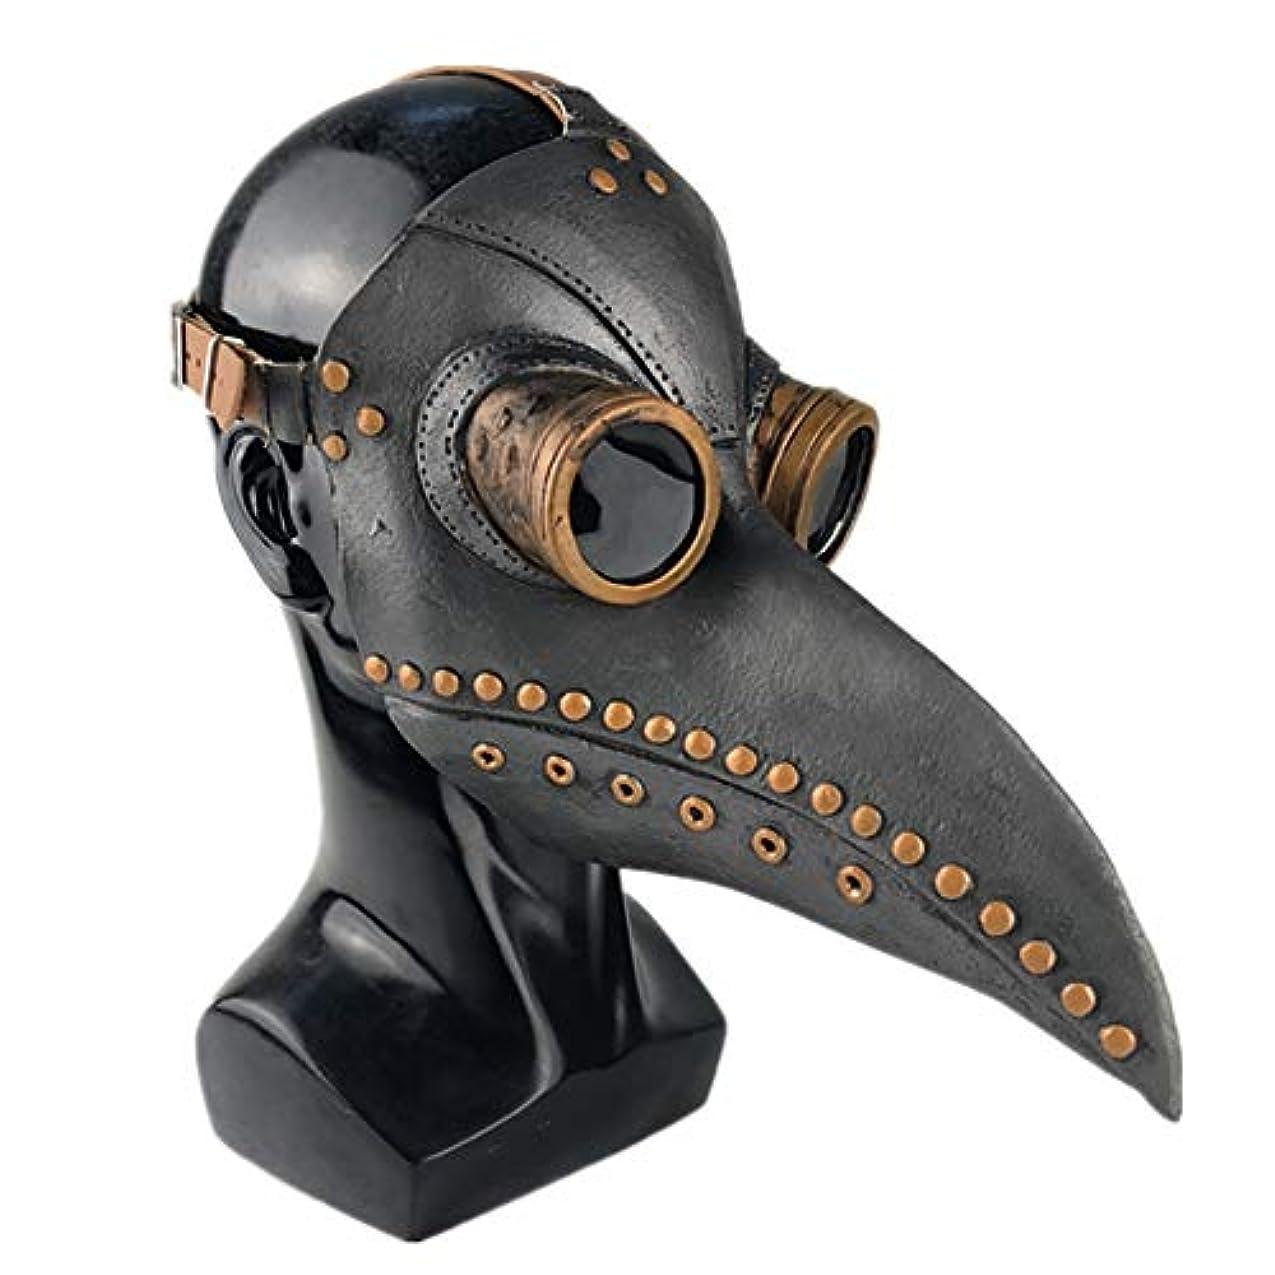 ゼロ年齢アノイKISSION ホラーマスク ハロウィンデコレーション 通気性 ペストスチーム喙ドクターマスク 仮面舞踏会喙ドクターマスク 小道具 黒 銅の爪